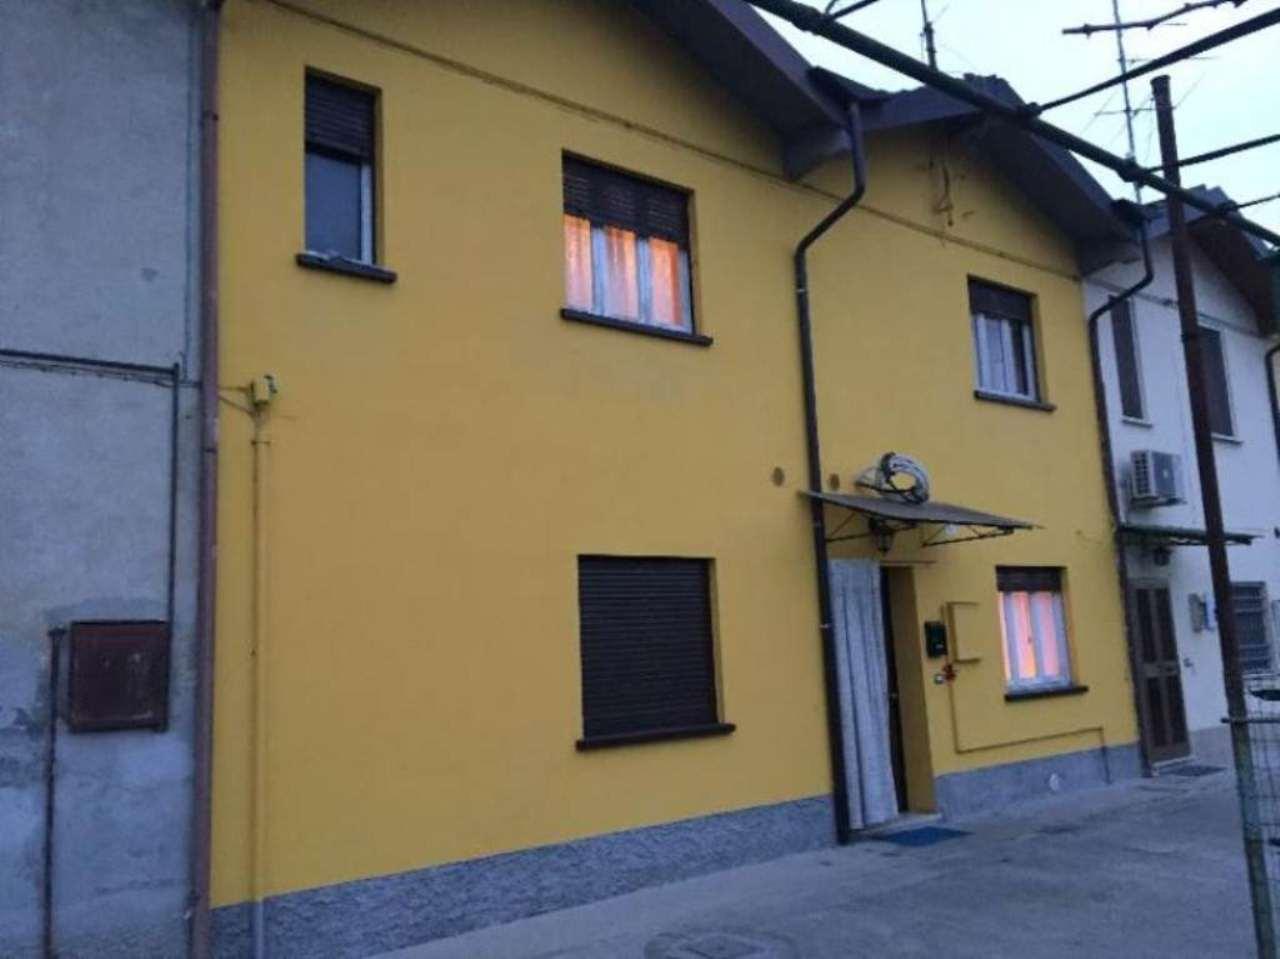 Rustico / Casale in vendita a Castelvetro Piacentino, 4 locali, prezzo € 86.000 | Cambio Casa.it